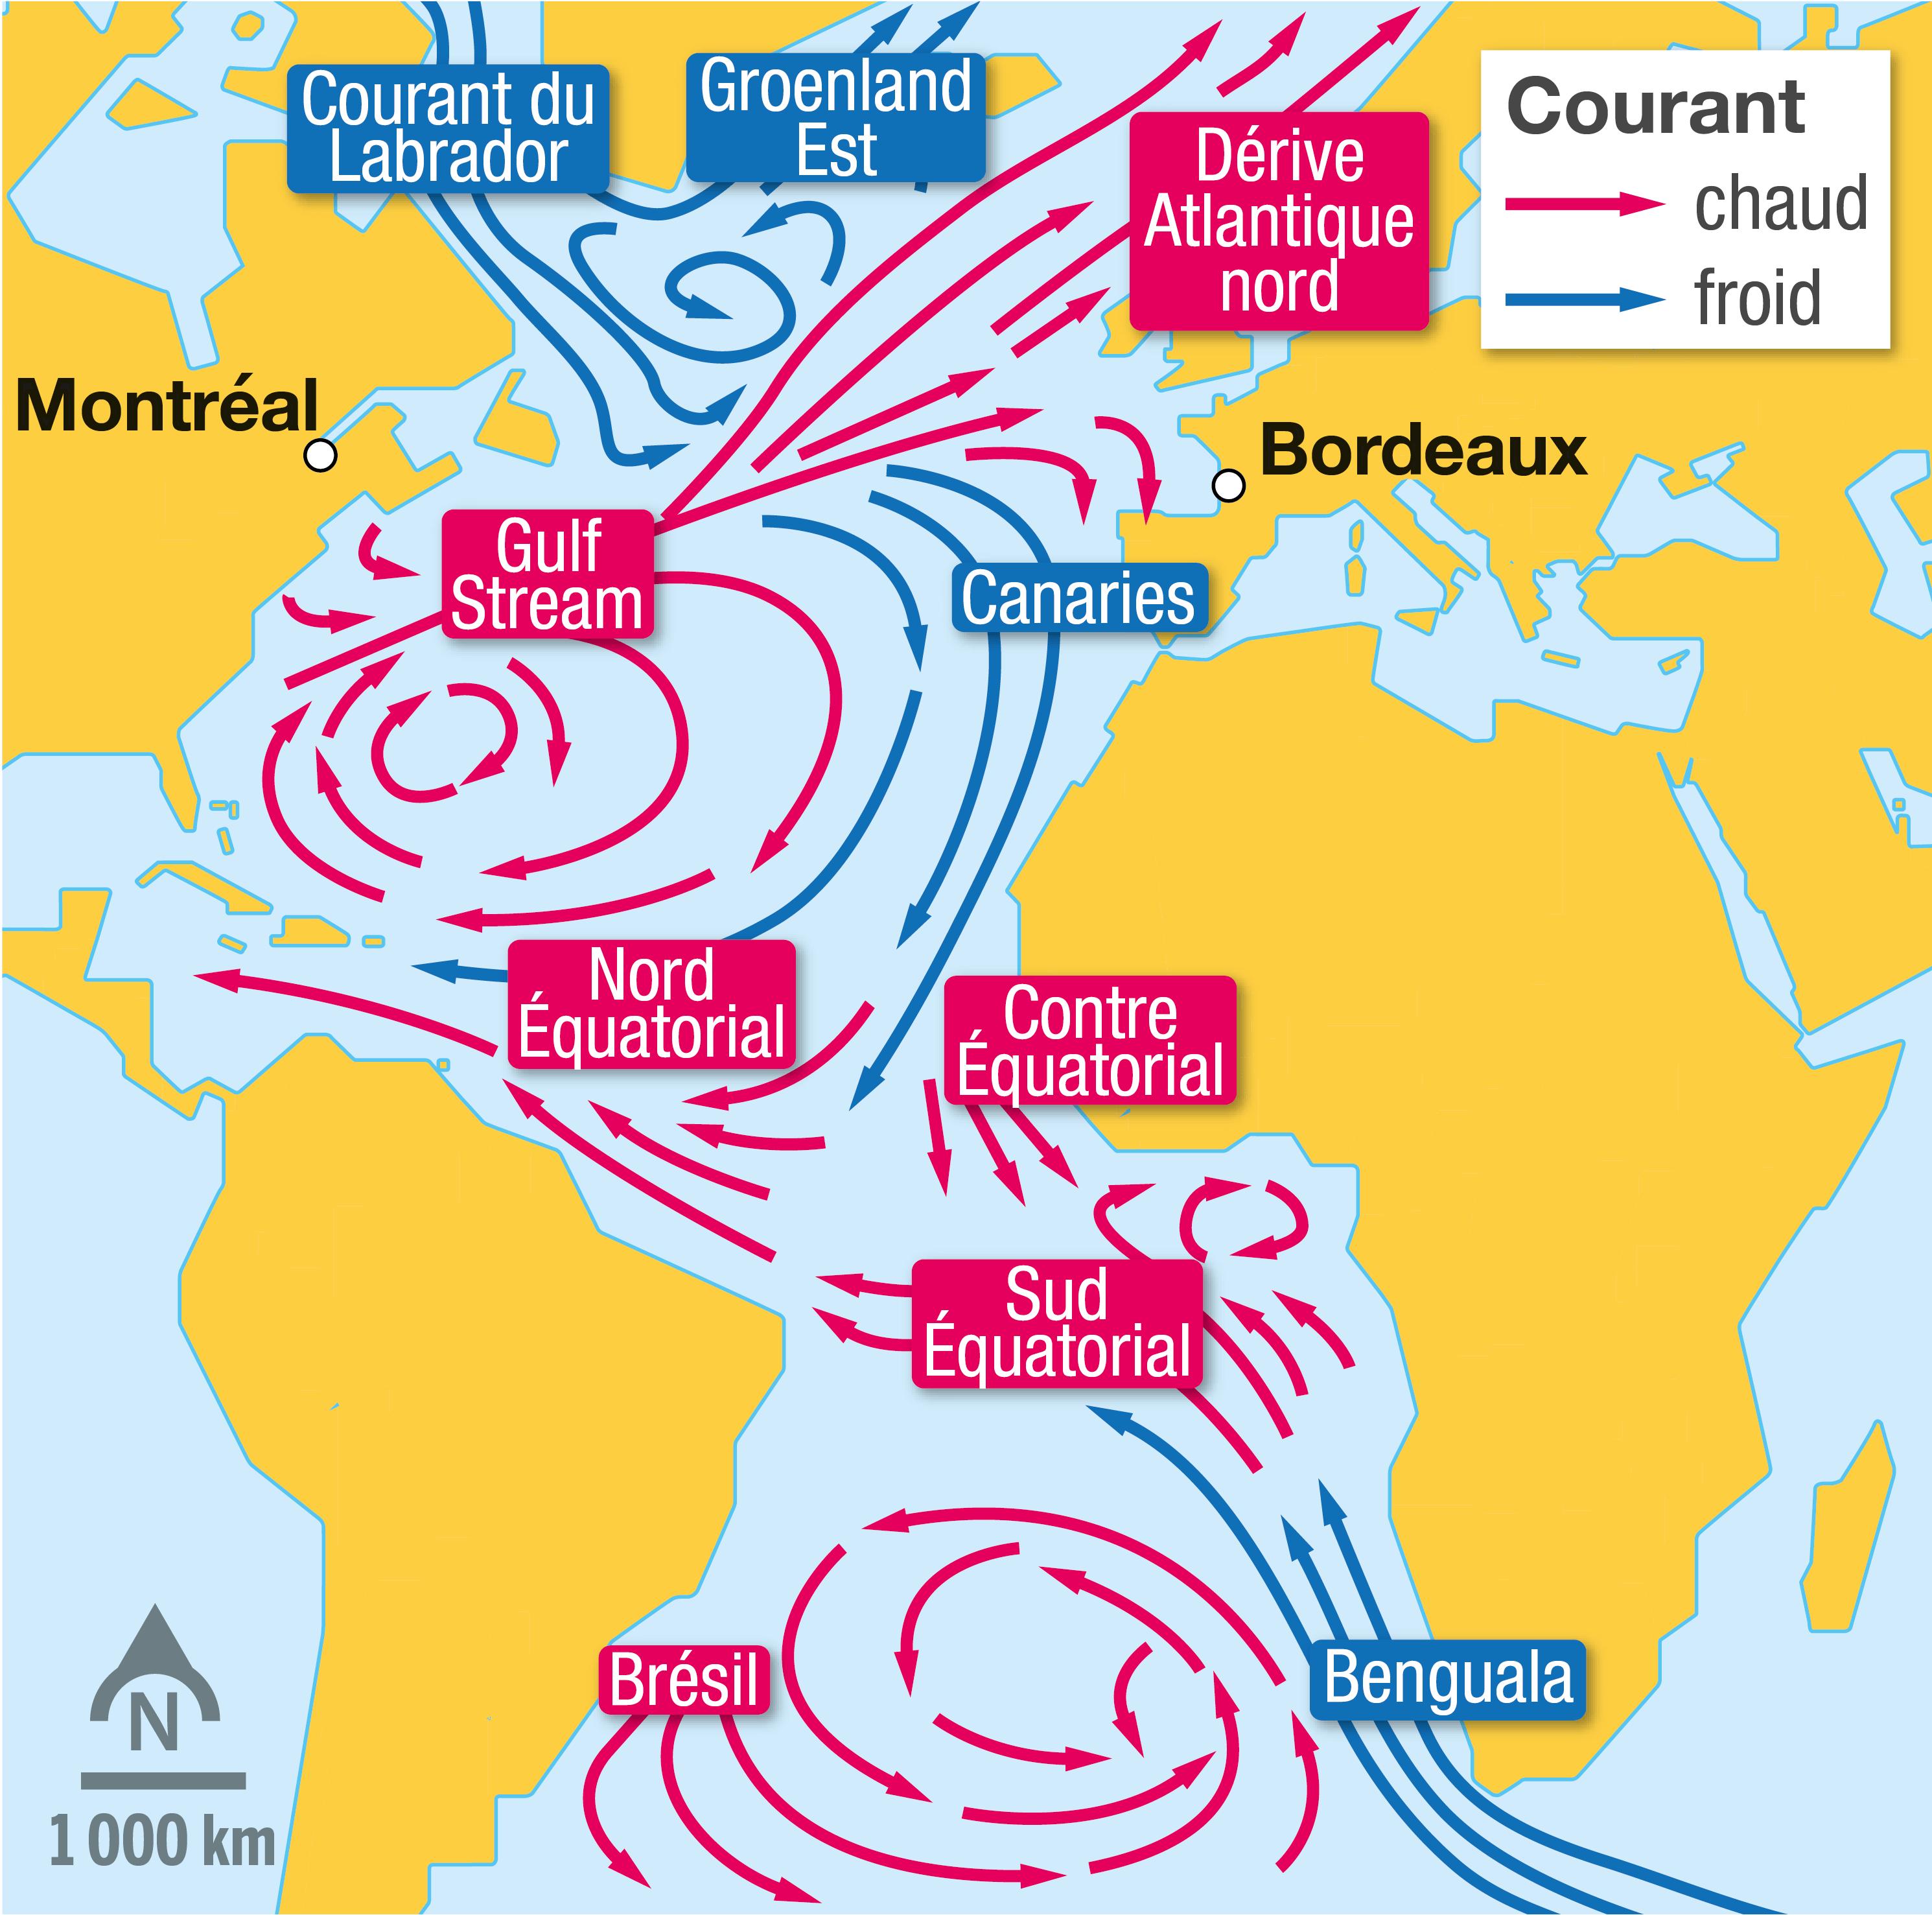 Les courants océaniques en Atlantique.